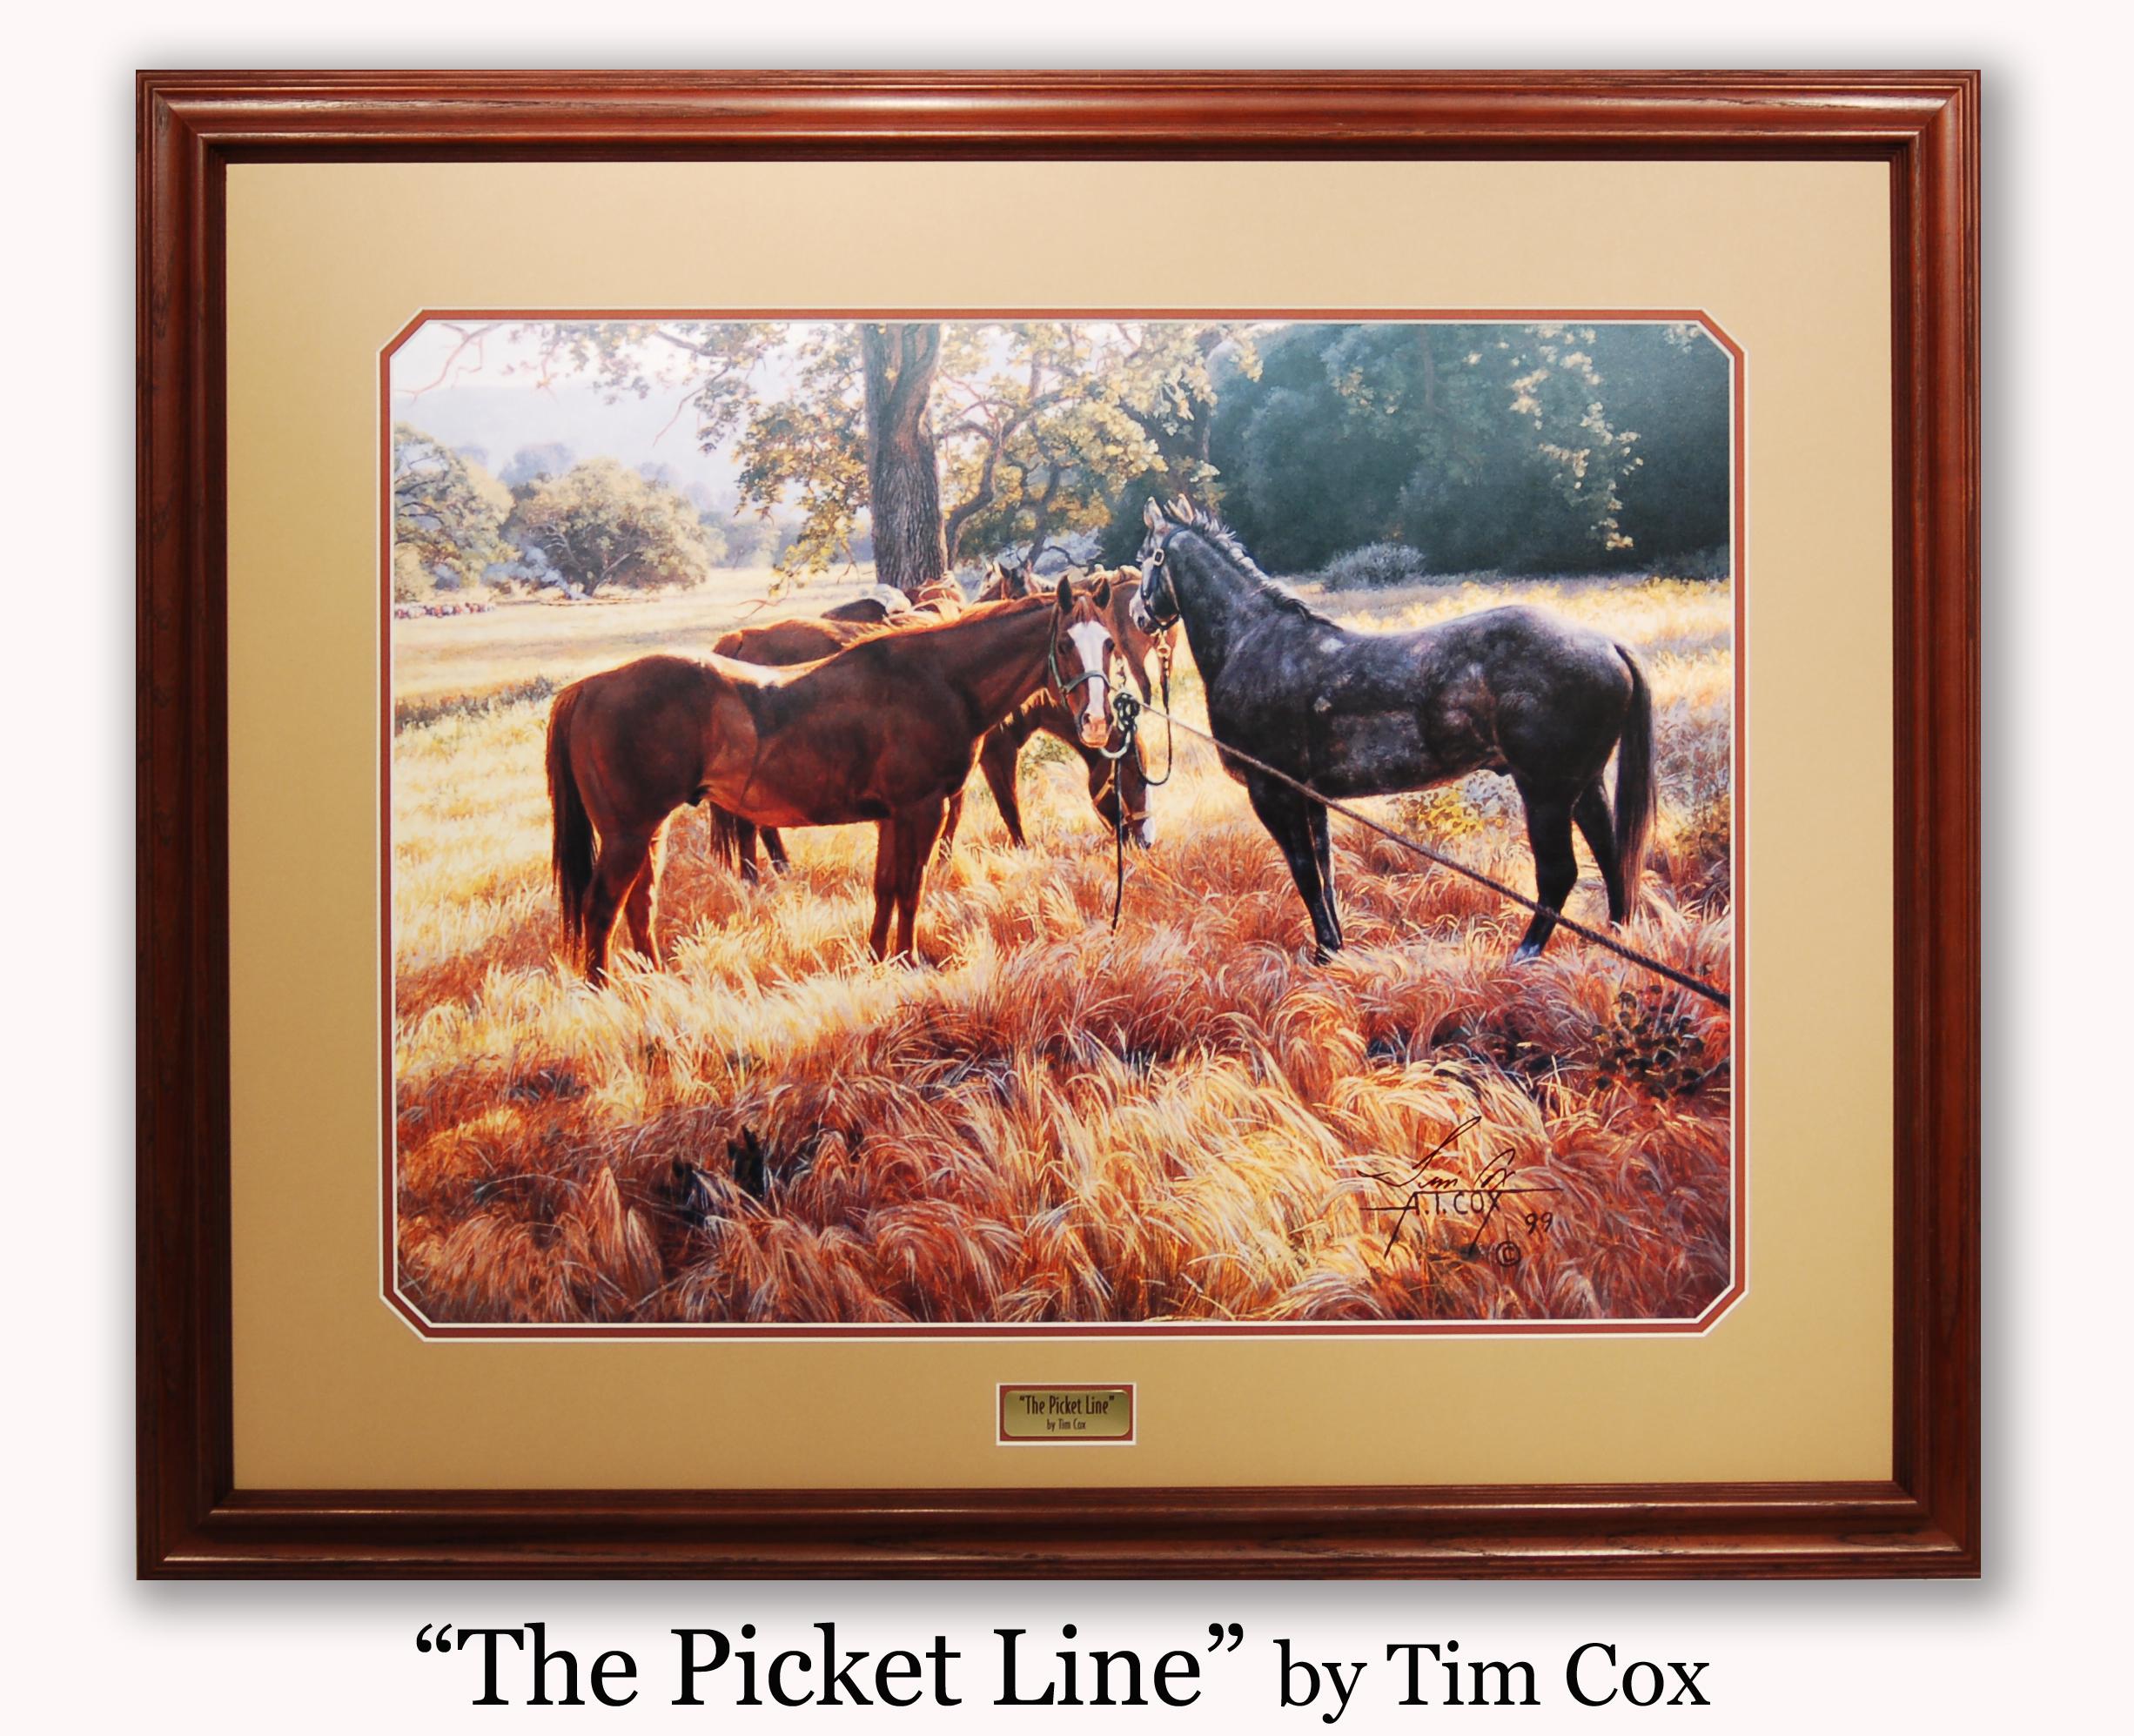 Famed art